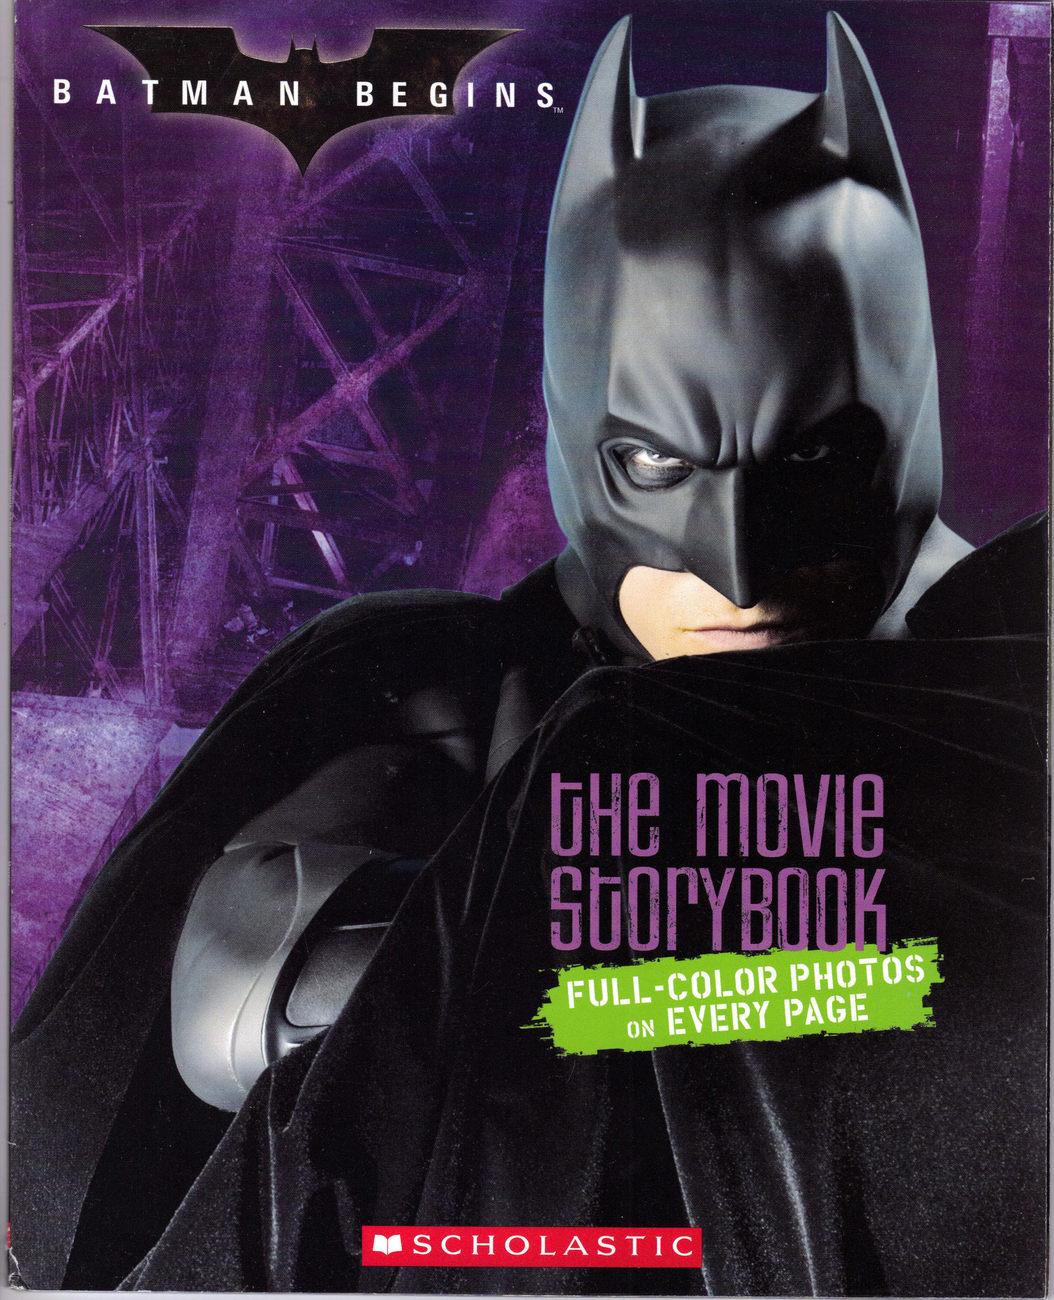 Batman begins book